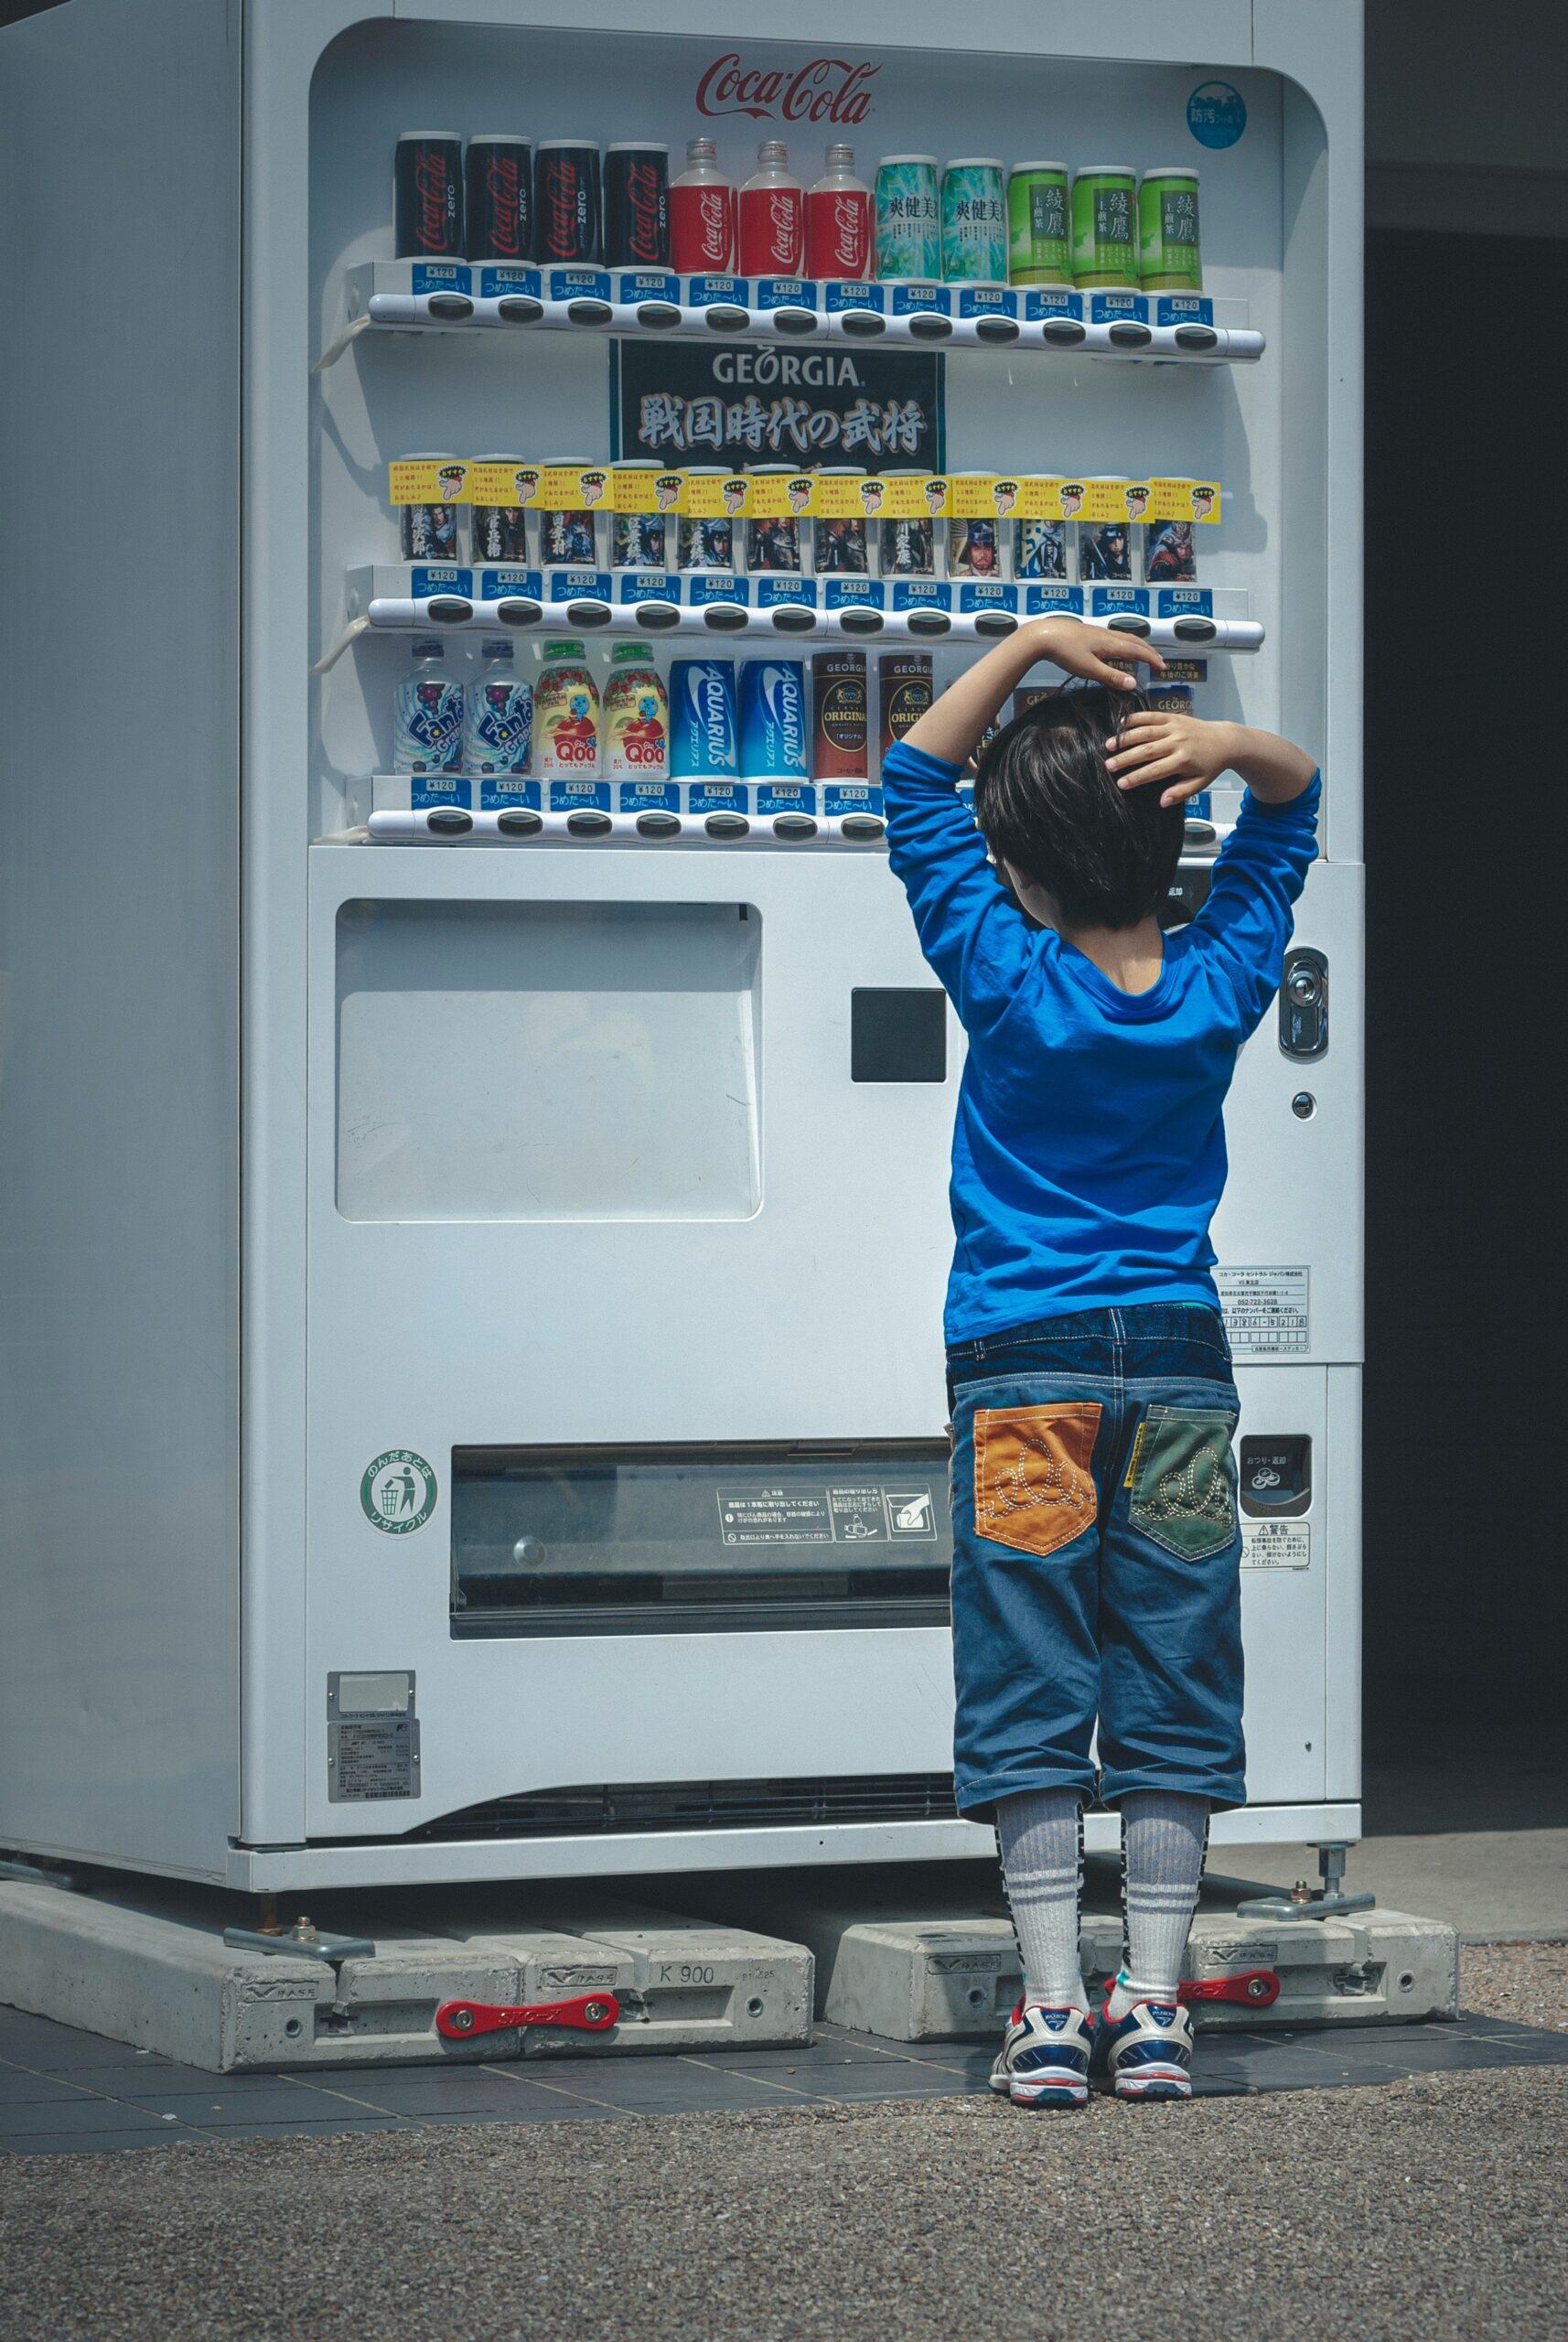 자판기, 길거리, 식품자동판매기, 아이